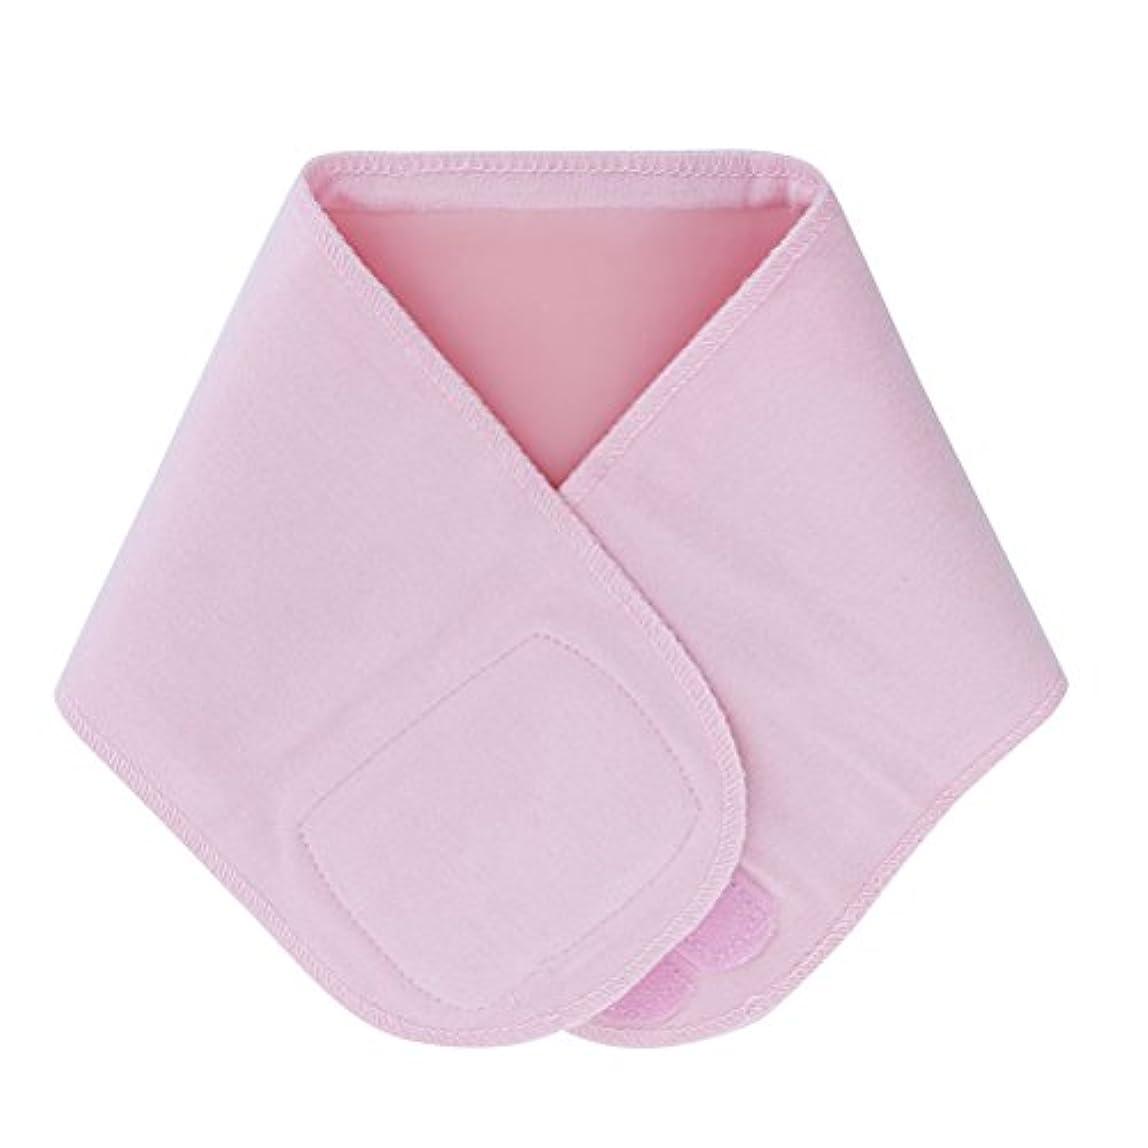 宝似ている参照Lurrose ジェルネックラップ伸縮性保湿スムースホワイトニングネックスキンアンチリンクルカラー(ピンク)